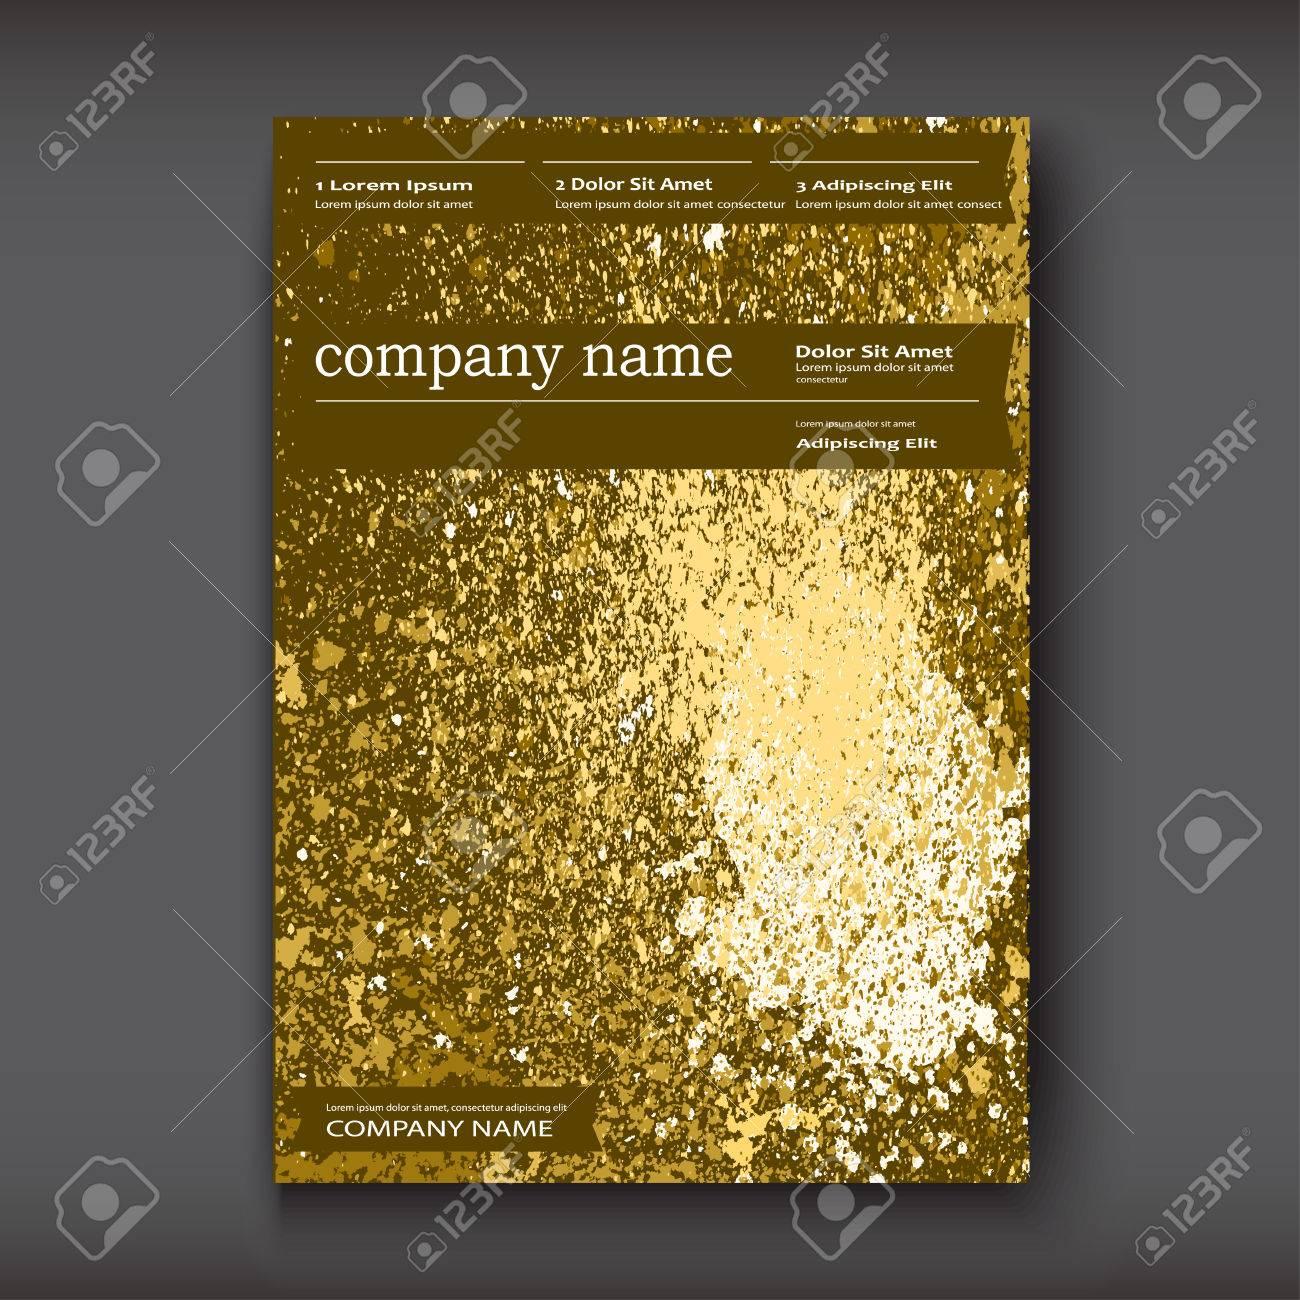 Gold Paint Splash, Splatter Explosion Glitter Artistic Frame ...